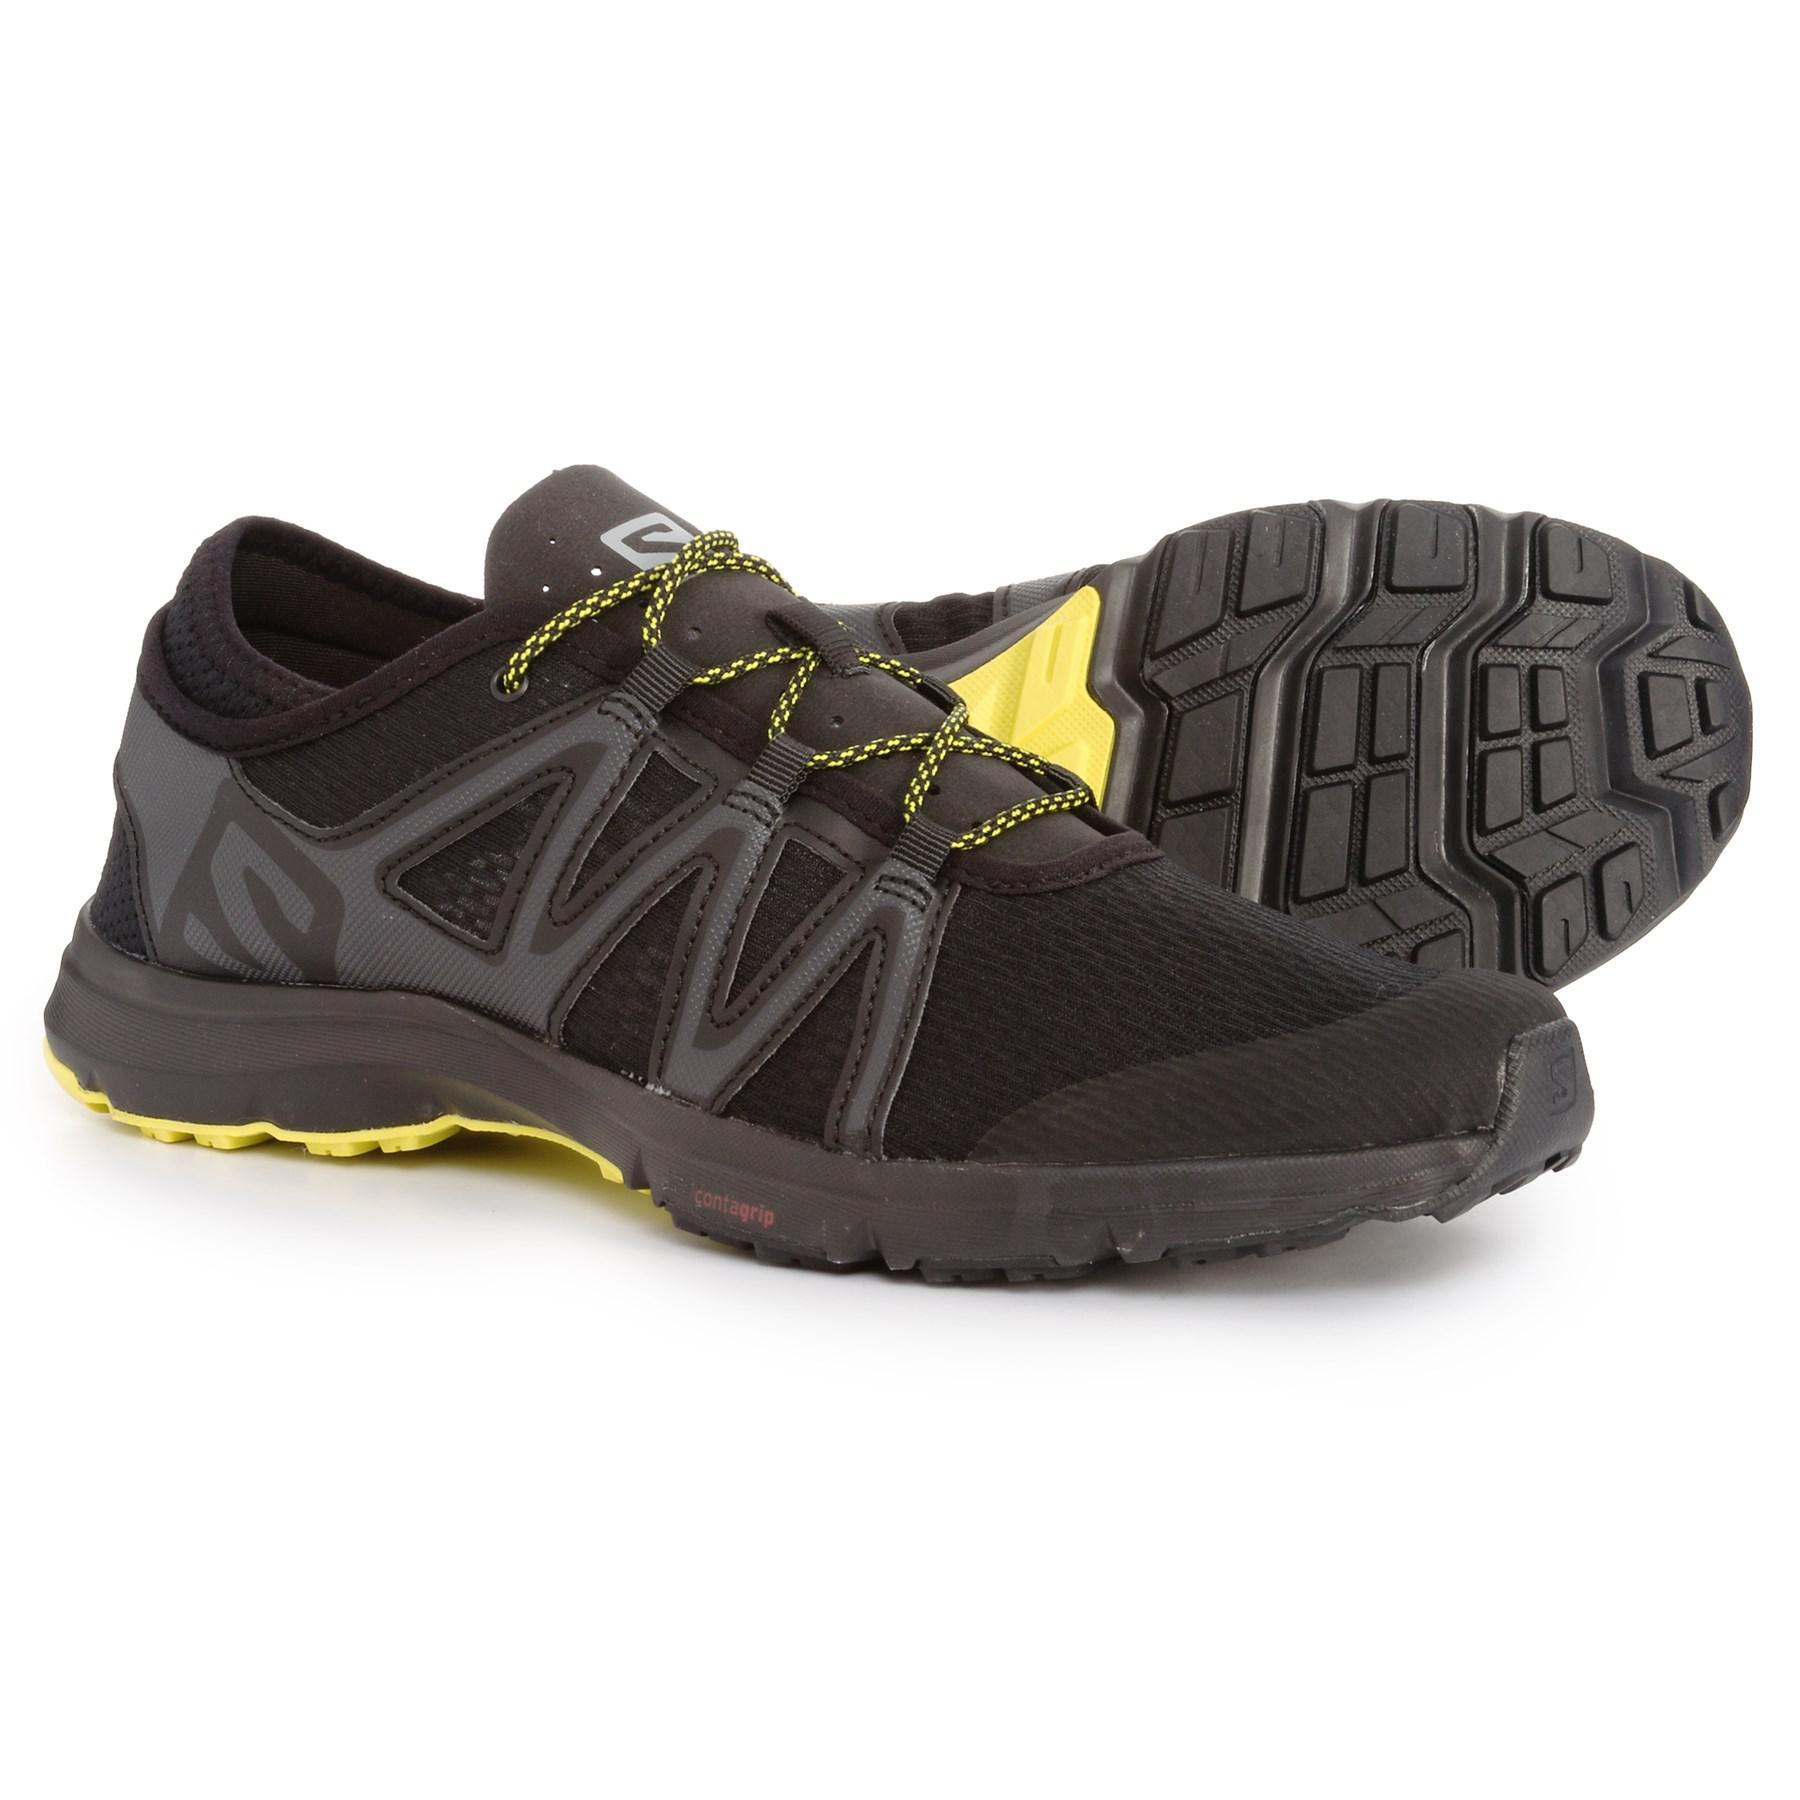 61378363366b Lyst - Yves Salomon Crossamphibian Swift Water Shoes (for Men) in ...